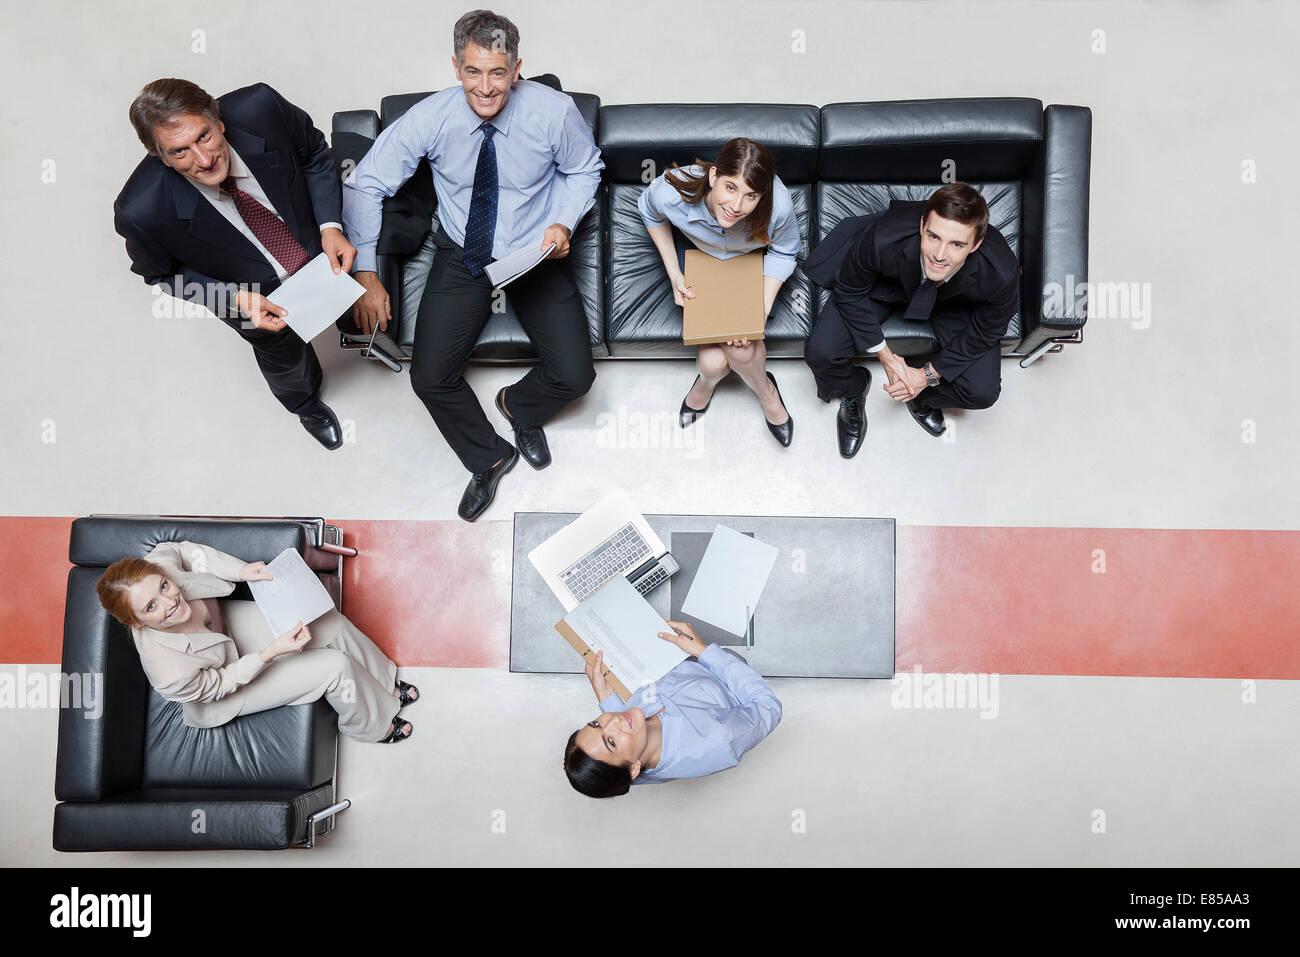 Los ejecutivos de reunión, sonriendo ante la cámara, vista superior Imagen De Stock